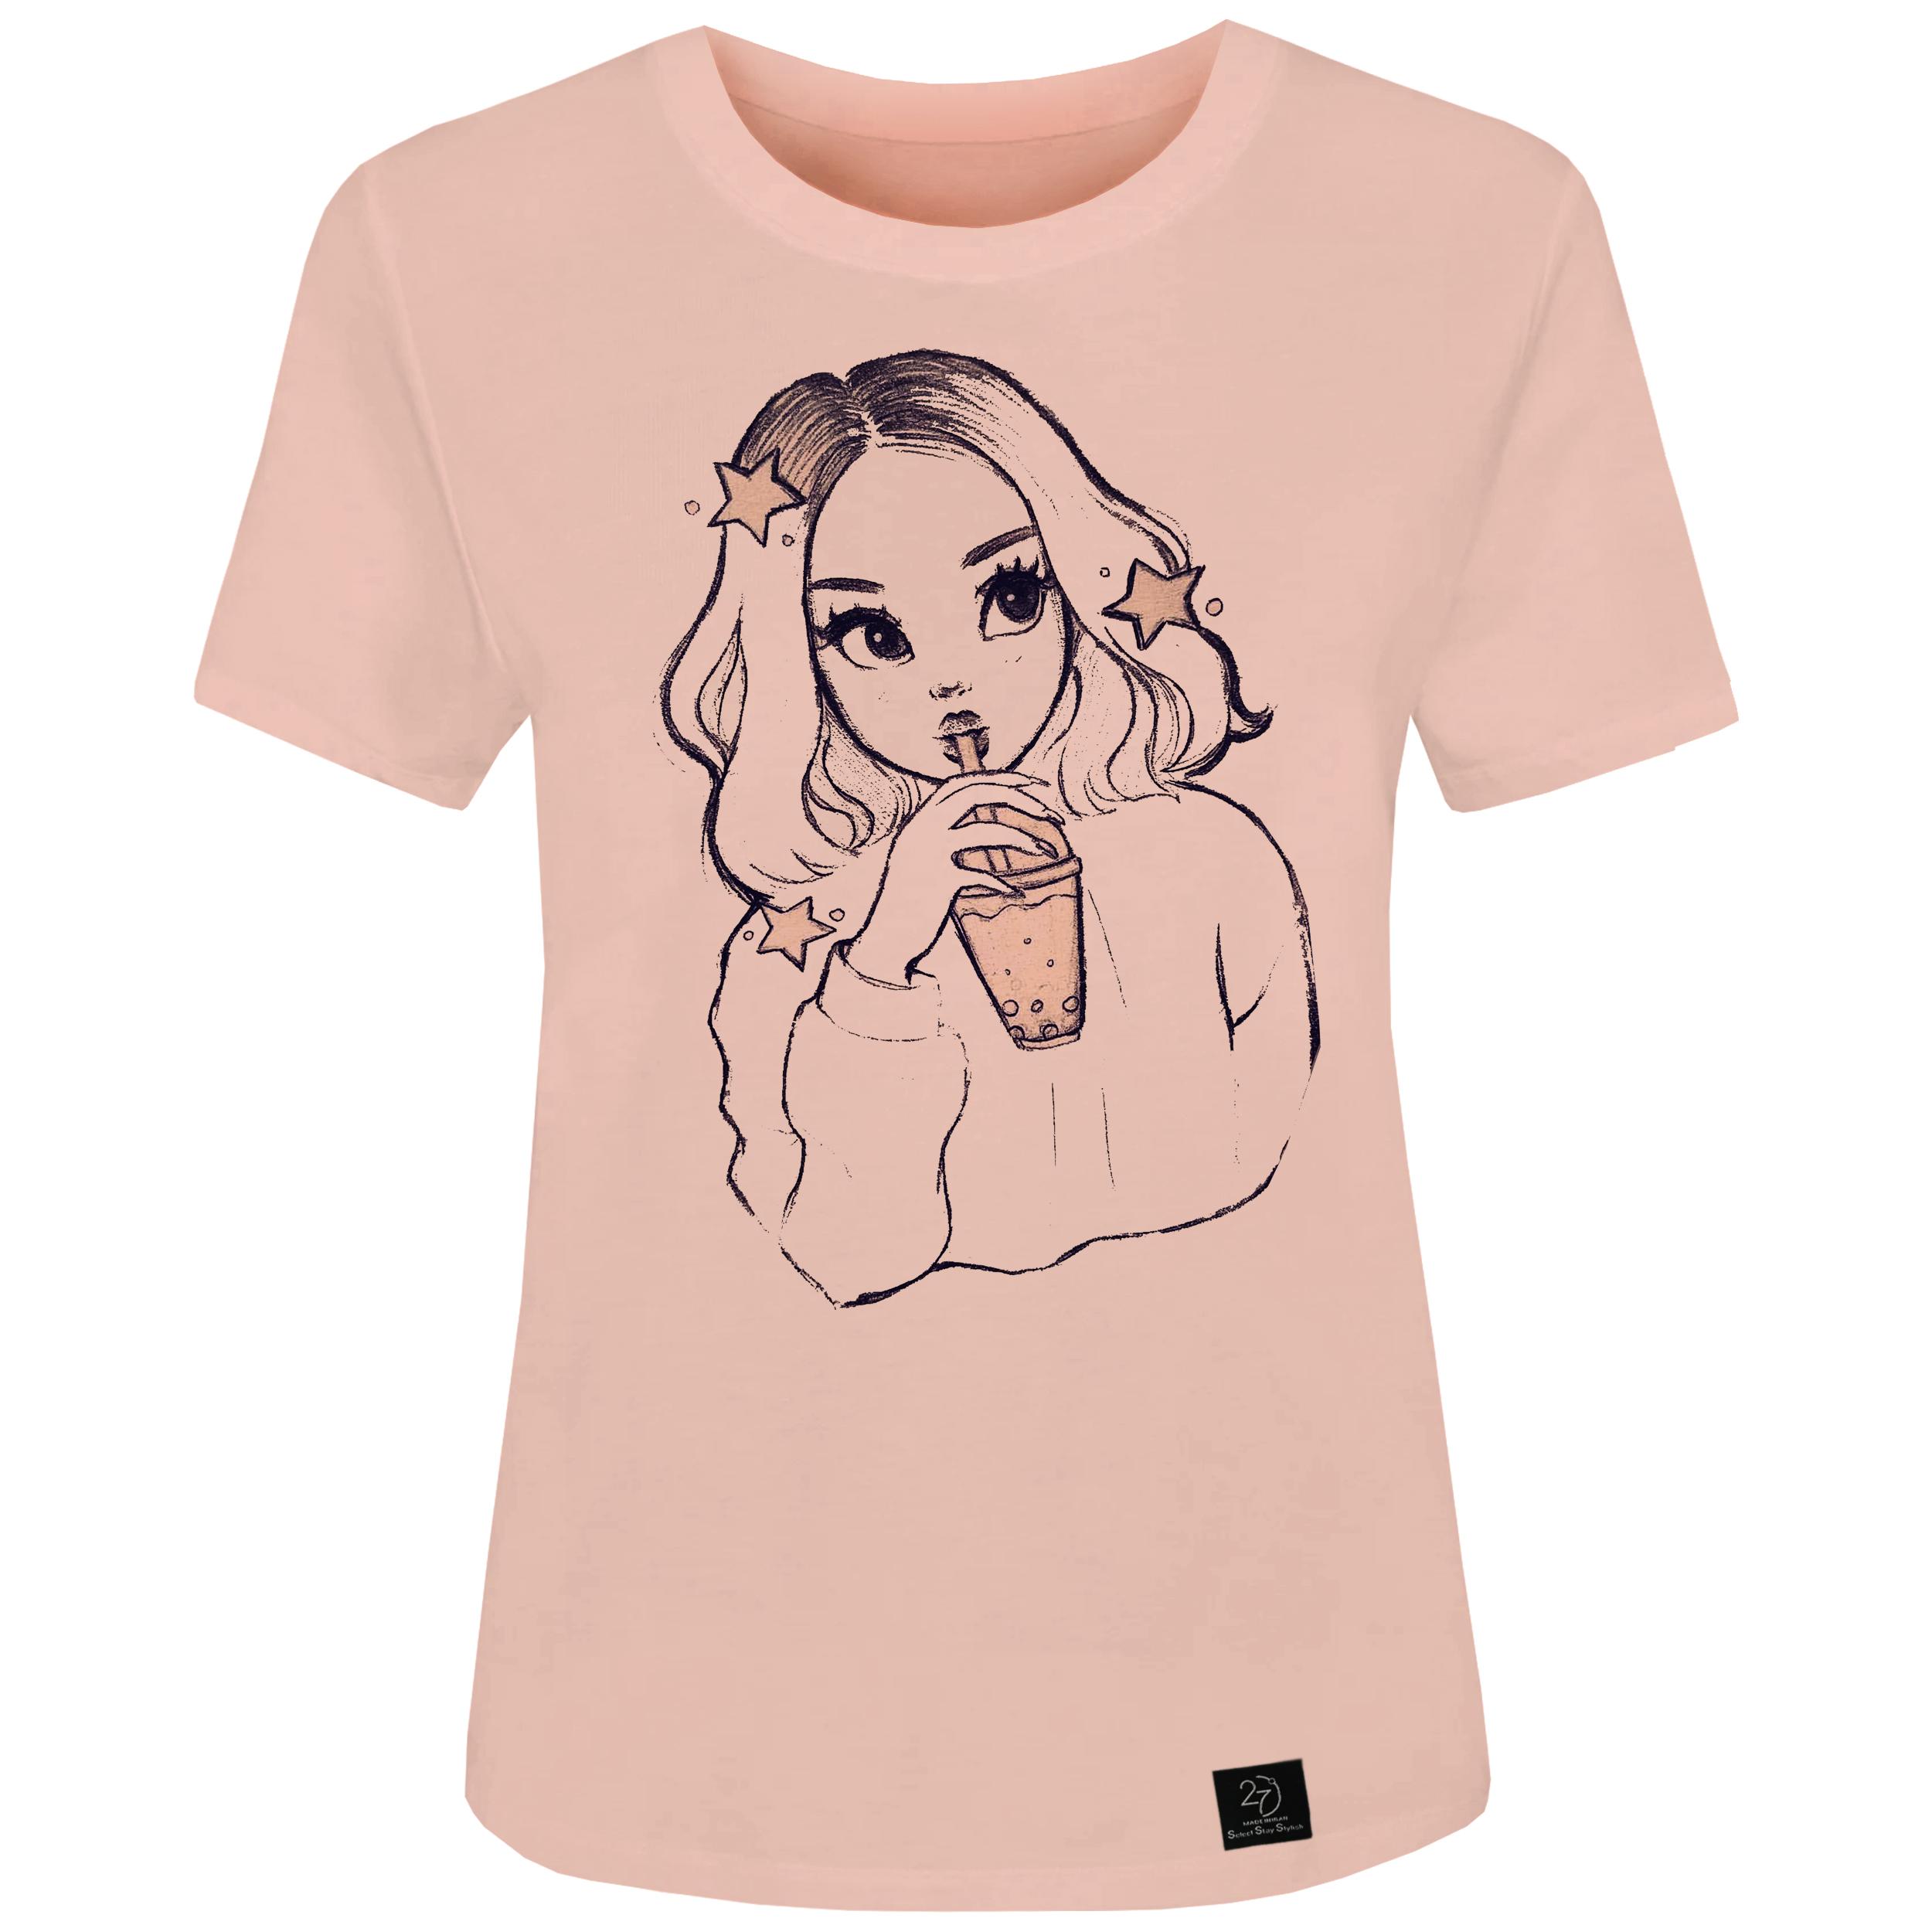 راهنمای  خرید اینترنتی تی شرت زنانه ۲۷ مدل CUTE GIRL کد J27 رنگ گلبهی